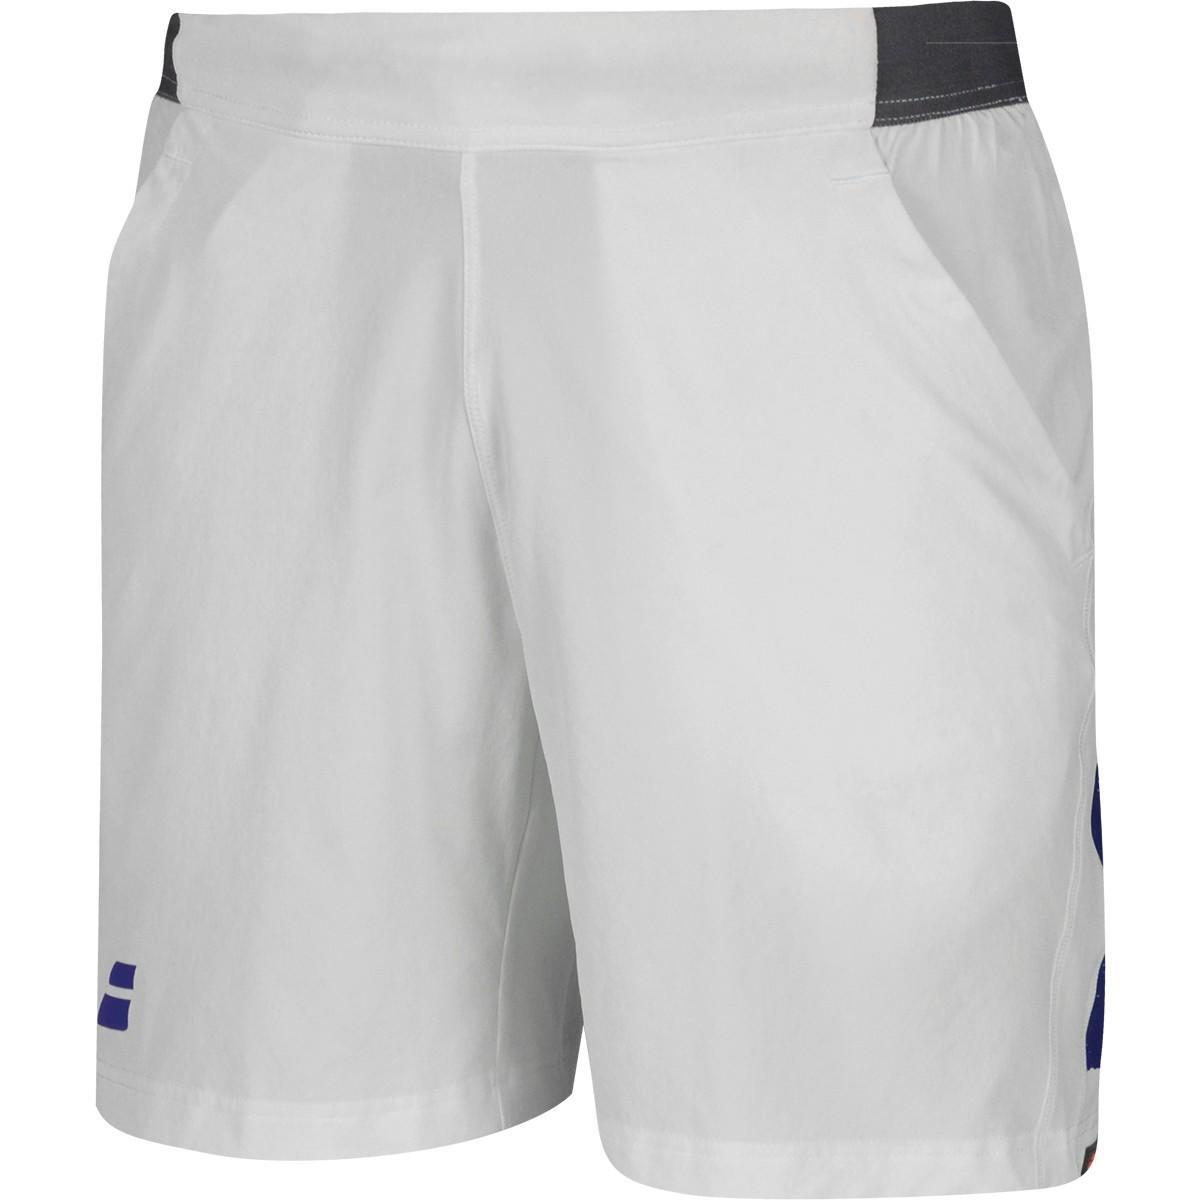 Теннисные шорты мужские  Babolat Performance Short 7